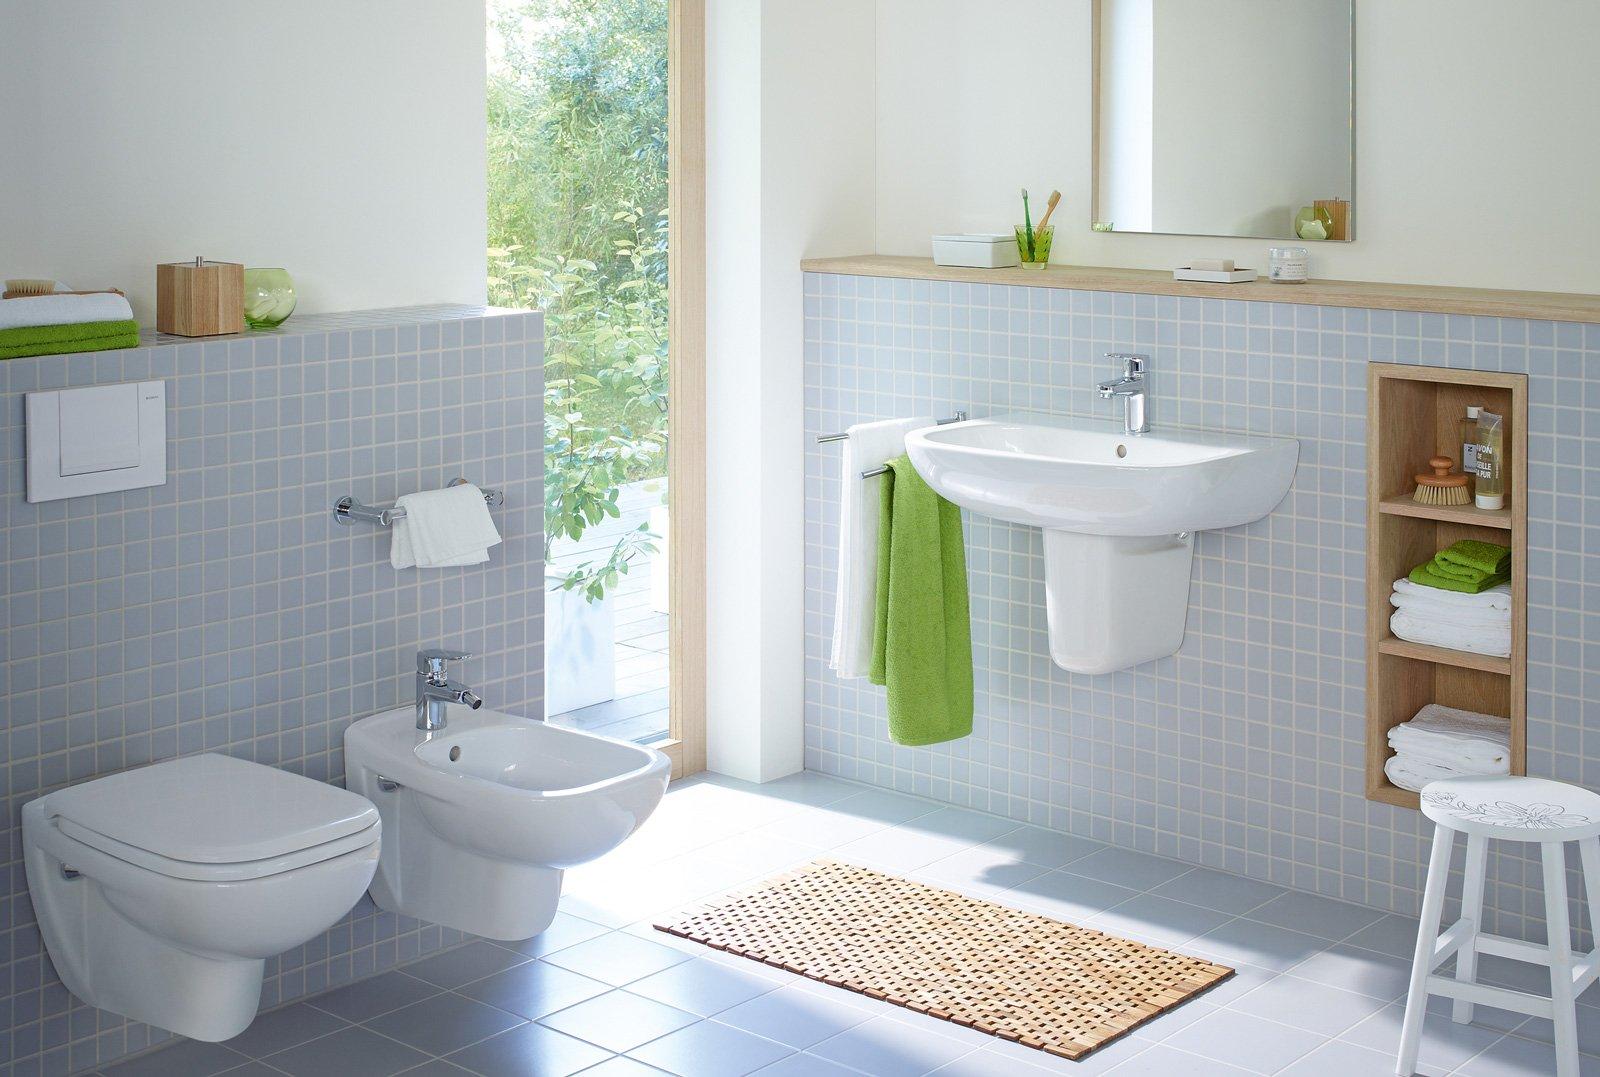 Sanitari low cost water e bidet dai prezzi contenuti - Sanitari per bagno prezzi ...